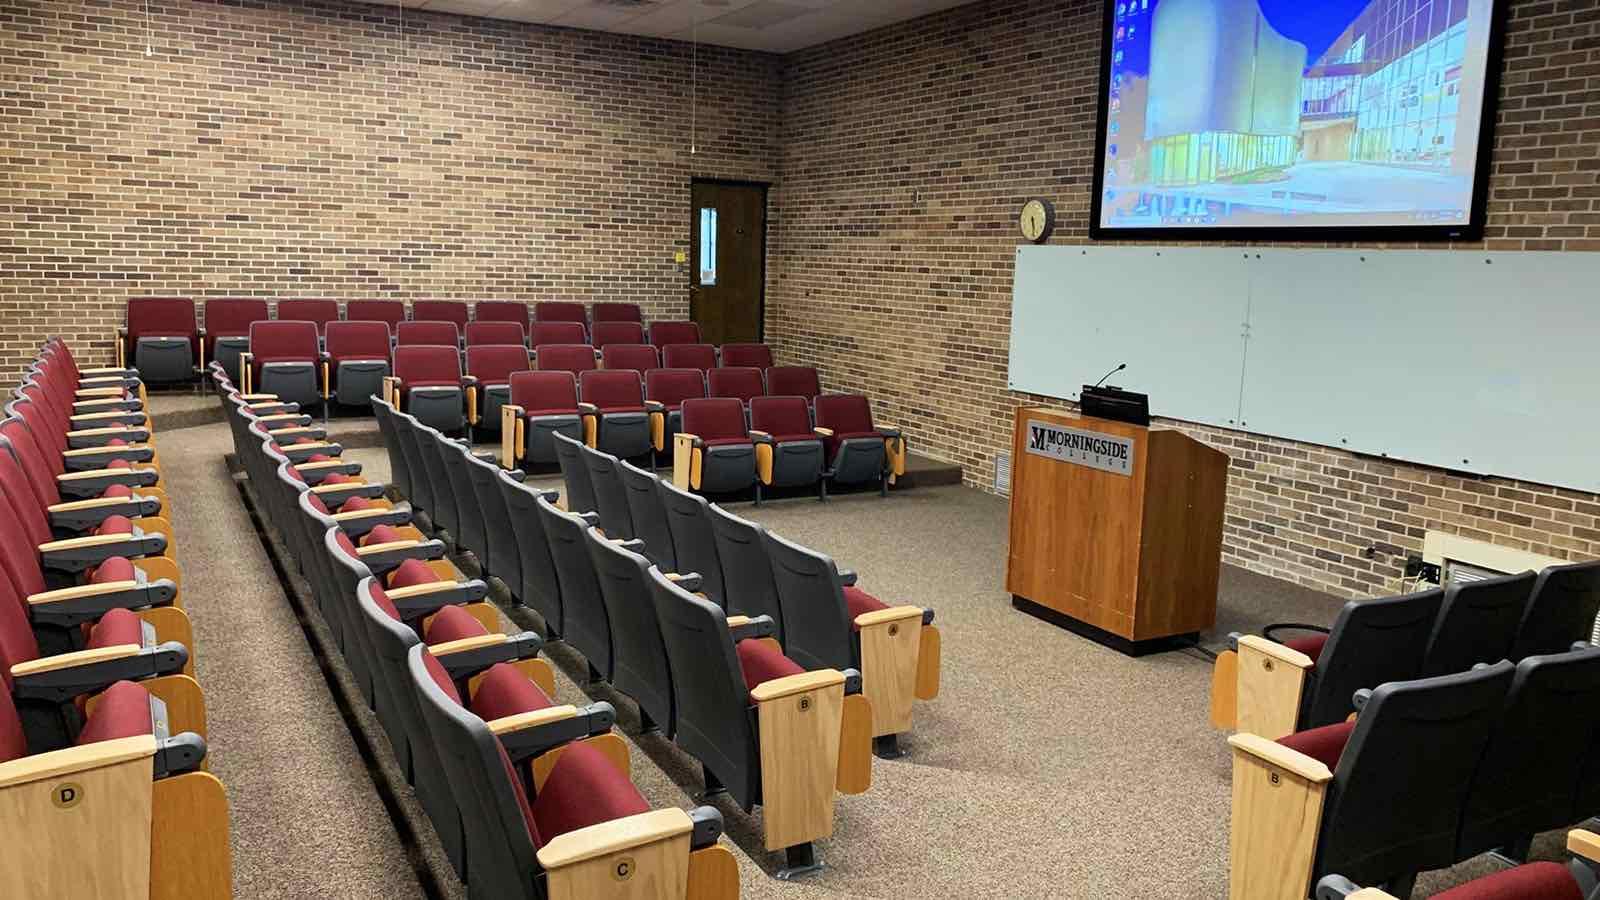 UPS Auditorium at Morningside College